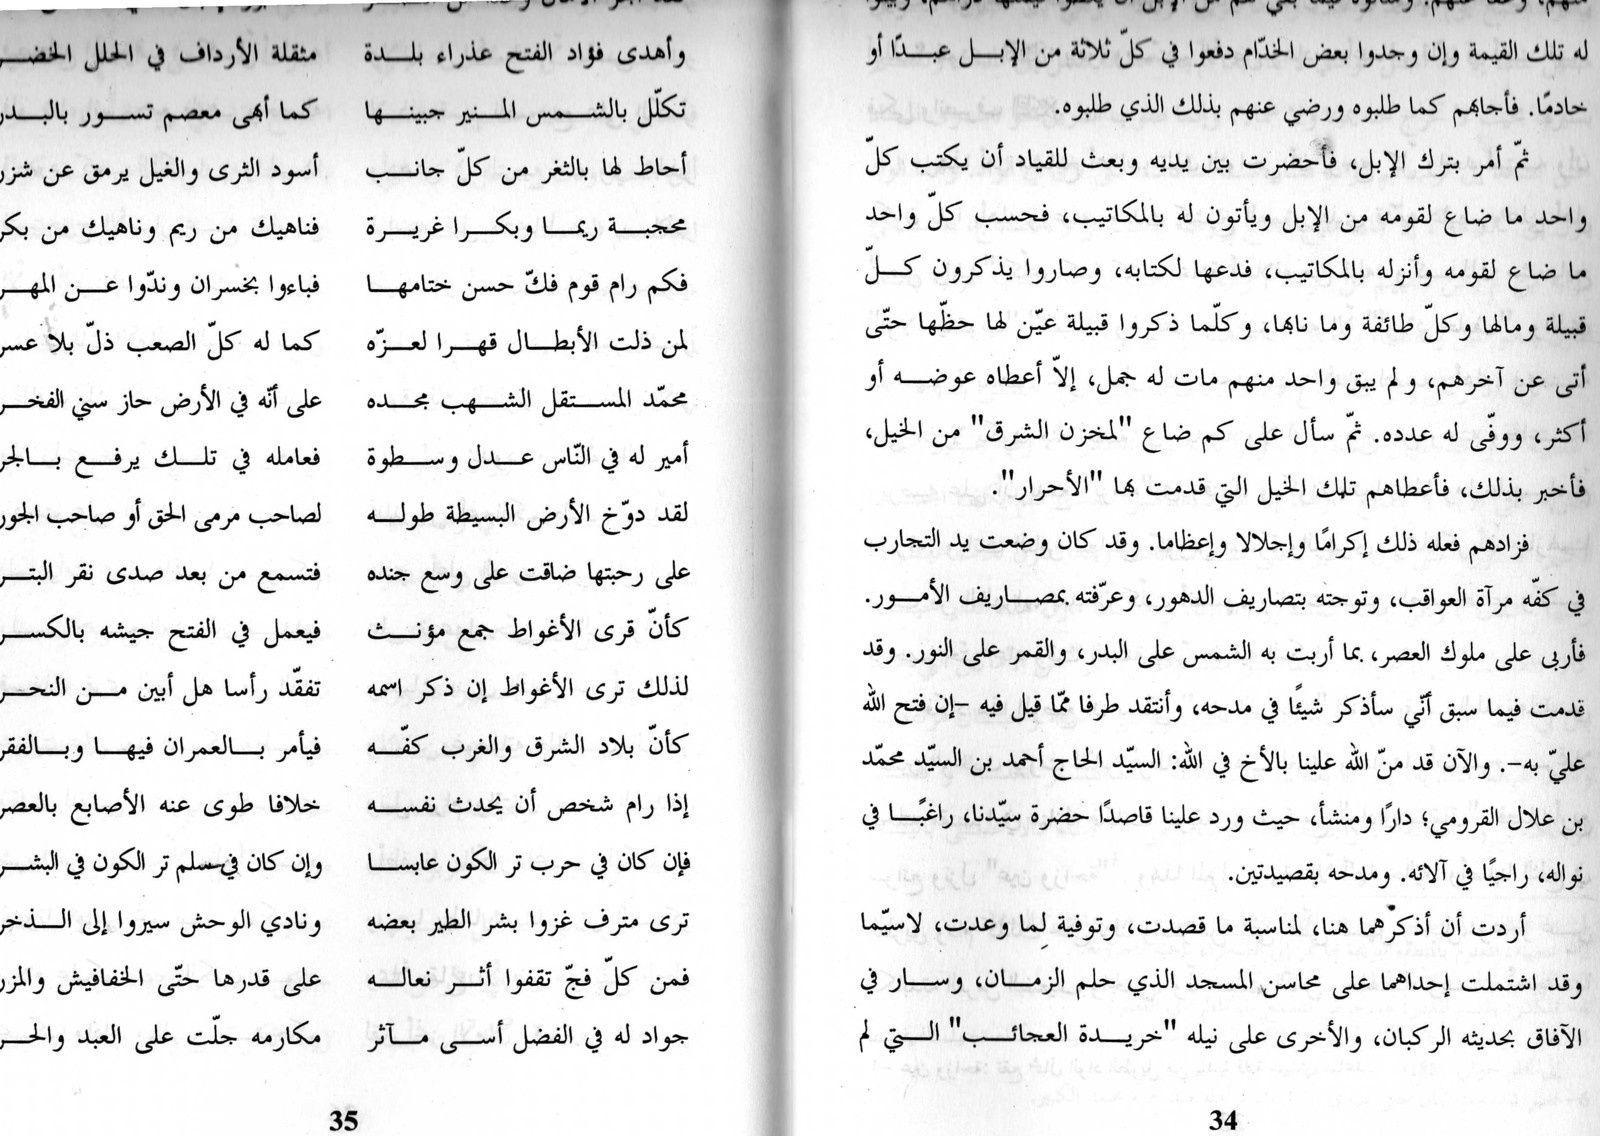 حملة الباي محمد الكبير على قصور جبل العمور و الاغواط  لصاحبة الاستاذ  ناصر مجاهد